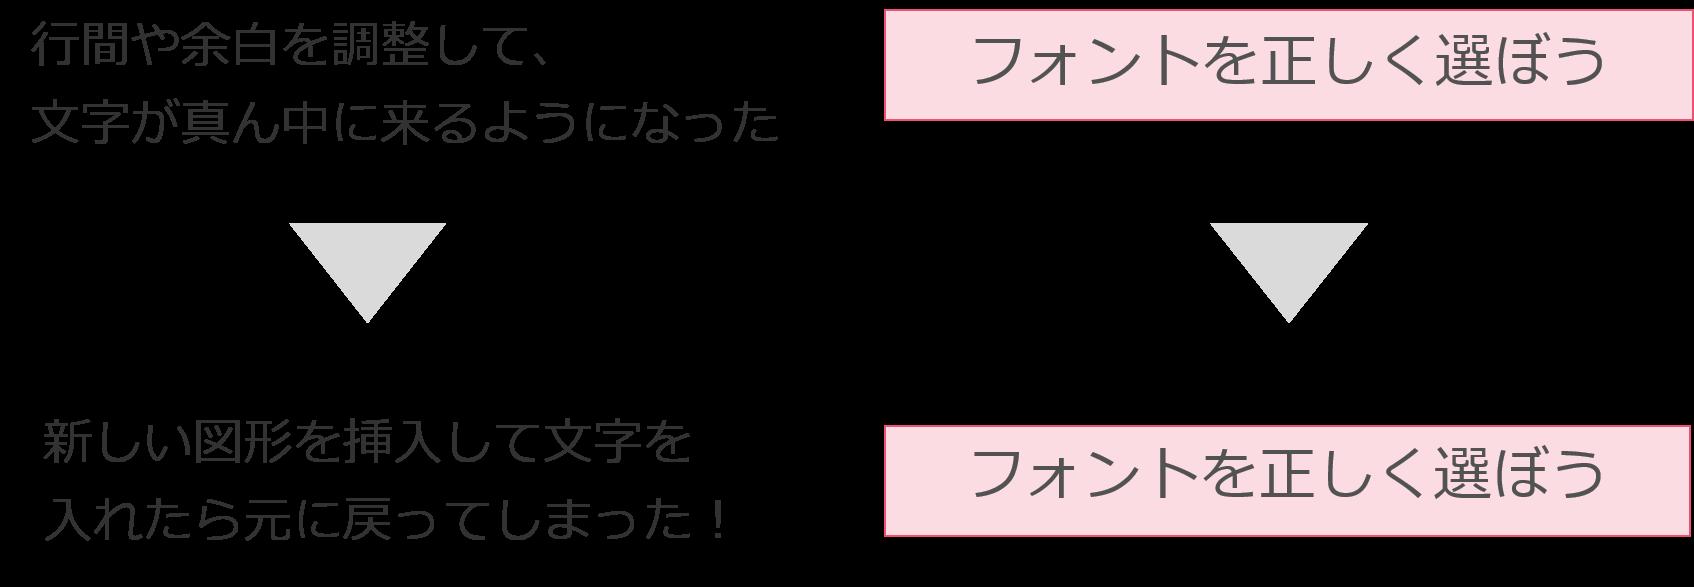 文字や図形の設定に関する説明画像